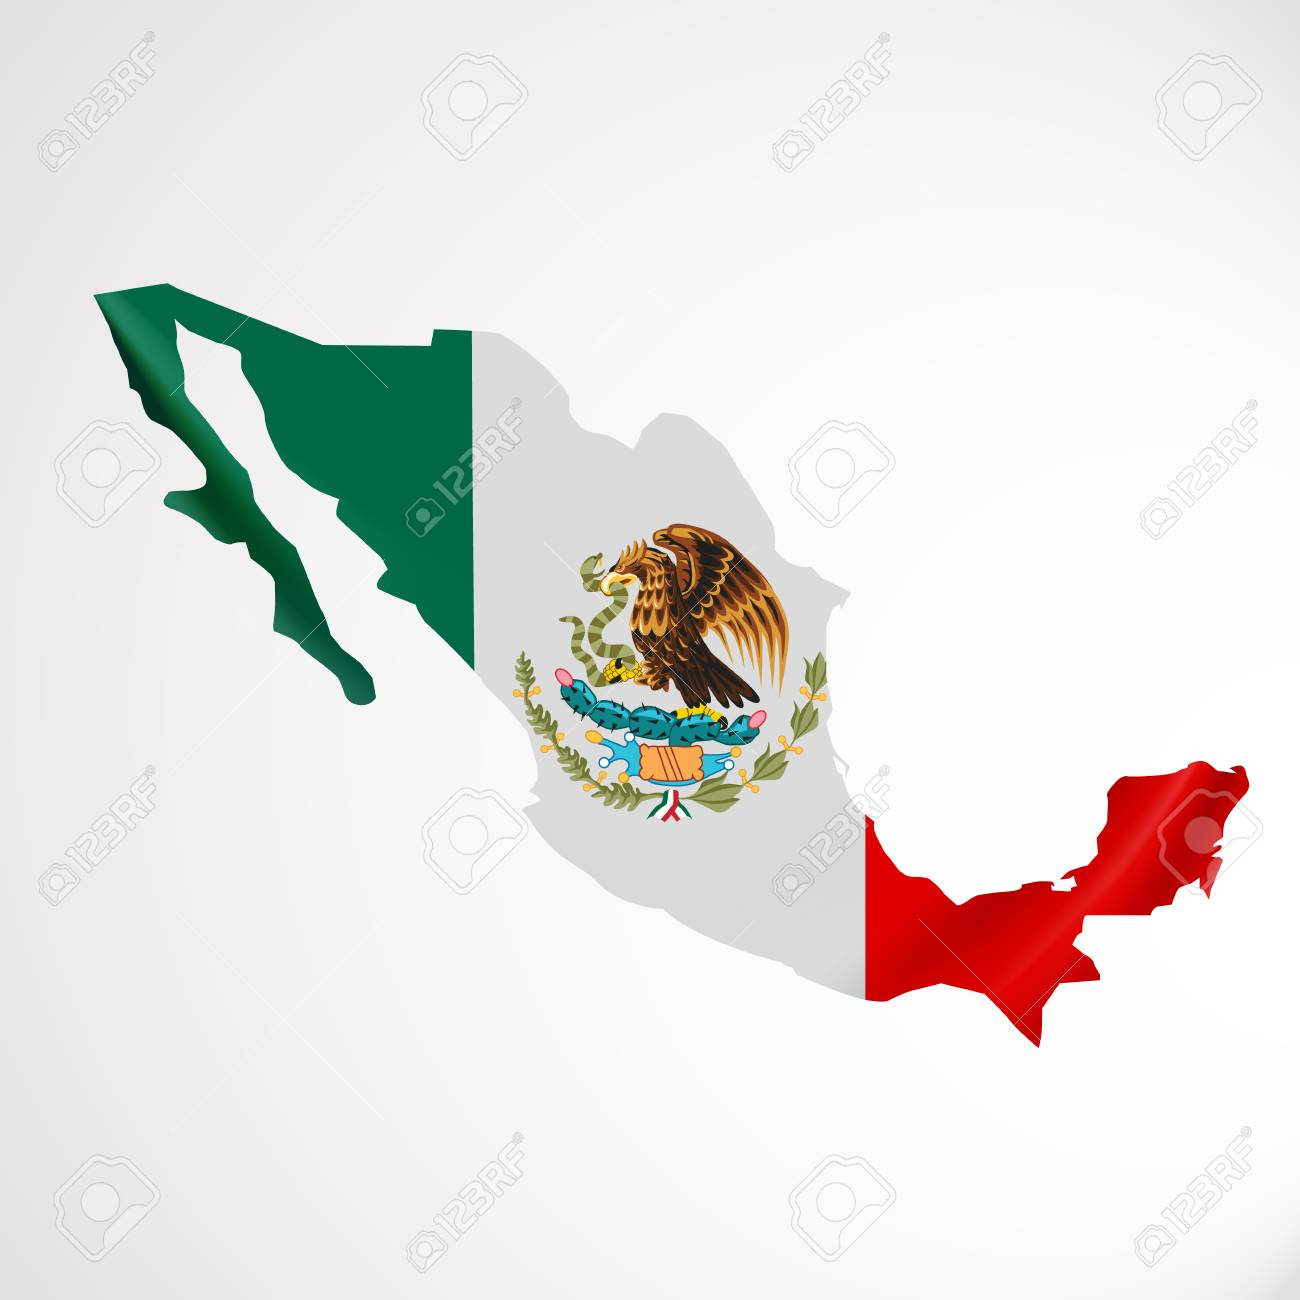 Colgando La Bandera De México En Forma De Mapa Estados Unidos